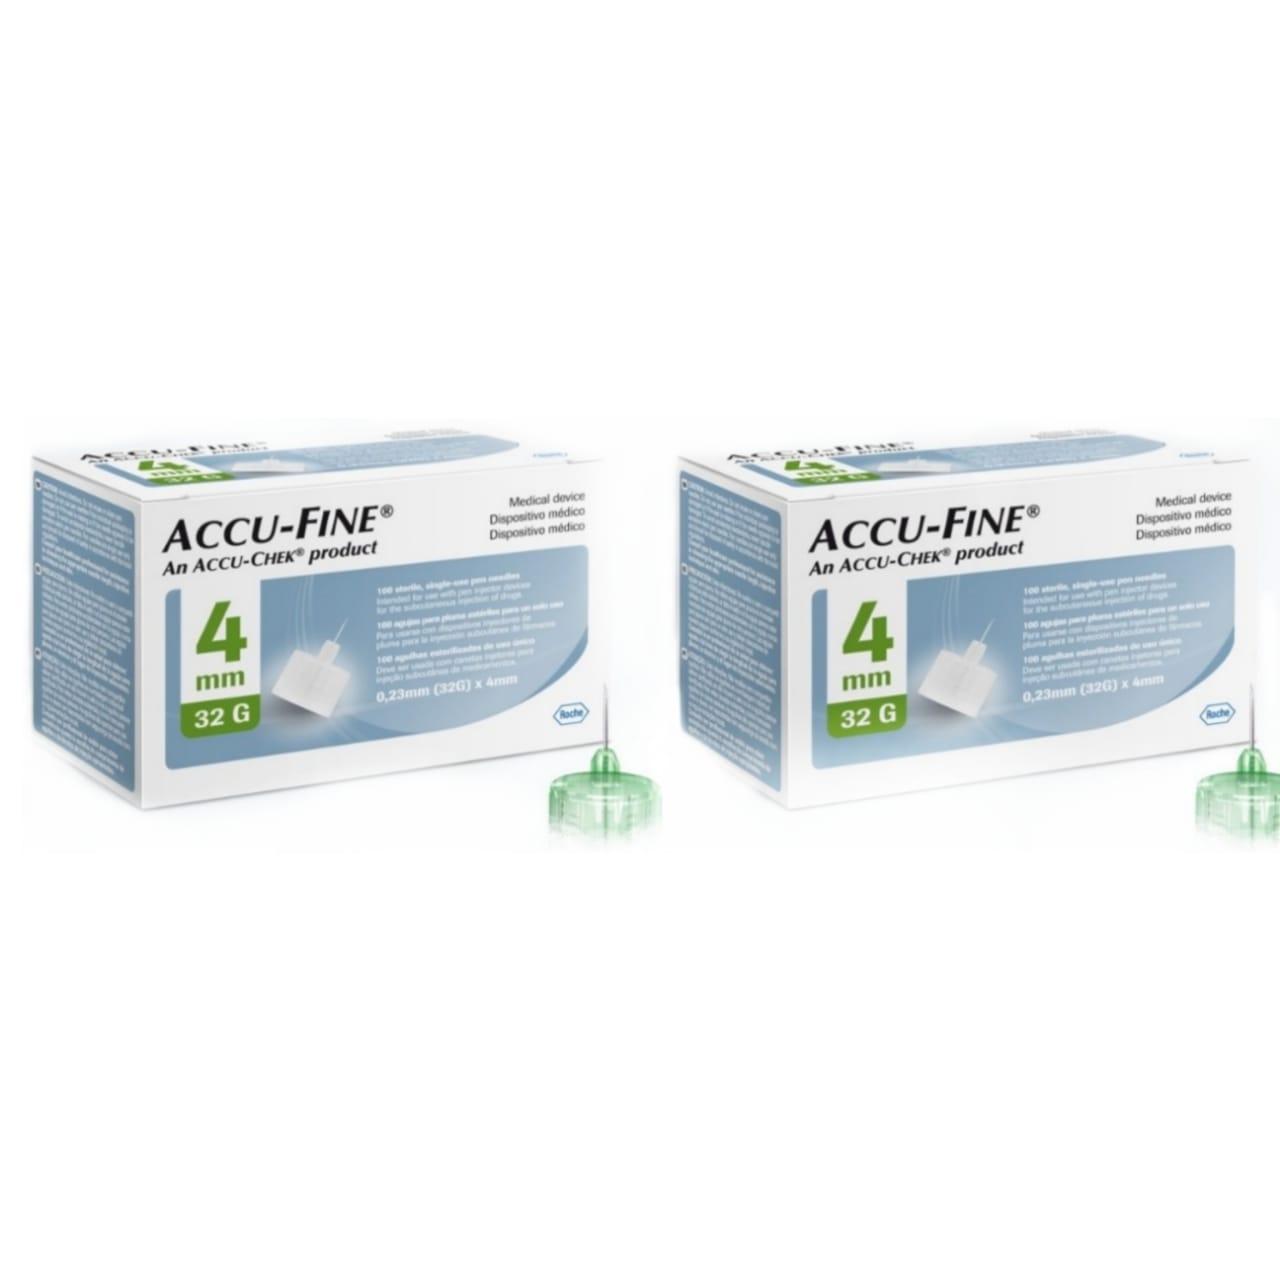 Accu-Fine 4mm 2 CAIXAS com 100 agulhas para aplicação de insulina  - Diabetes On - Vendido e Entregue por Diabetic Center